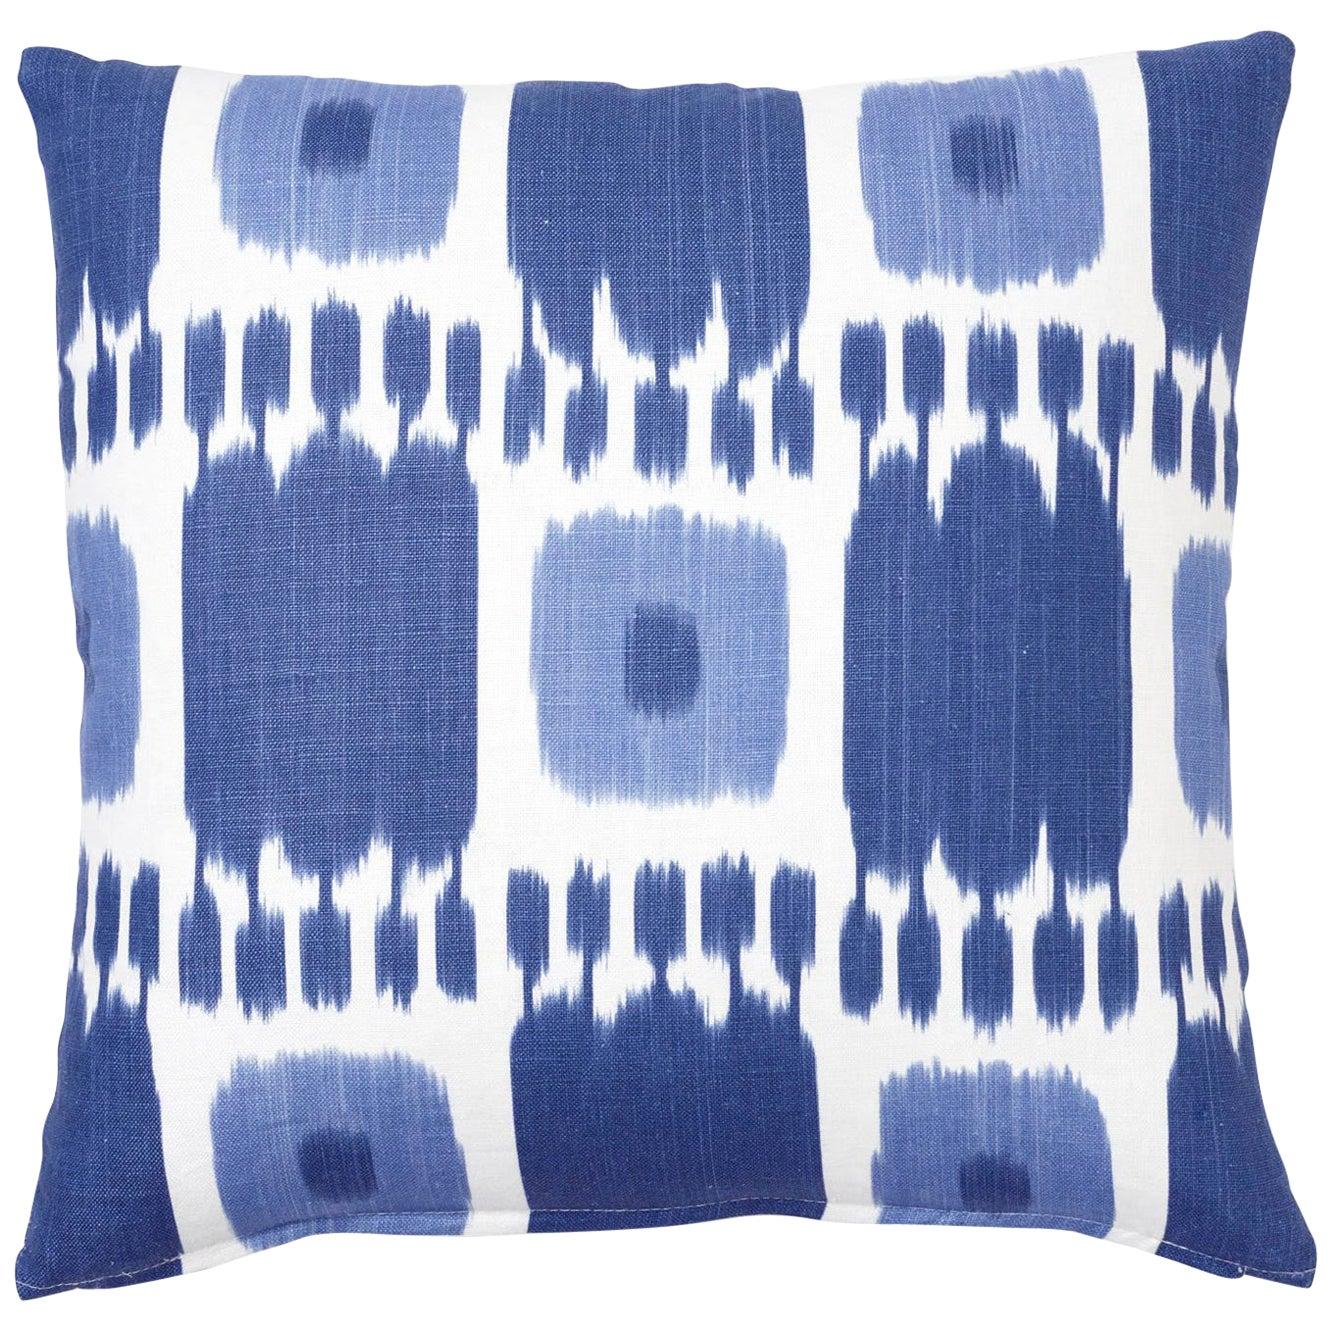 Schumacher Kandira Blues Two-Sided Linen Pillow